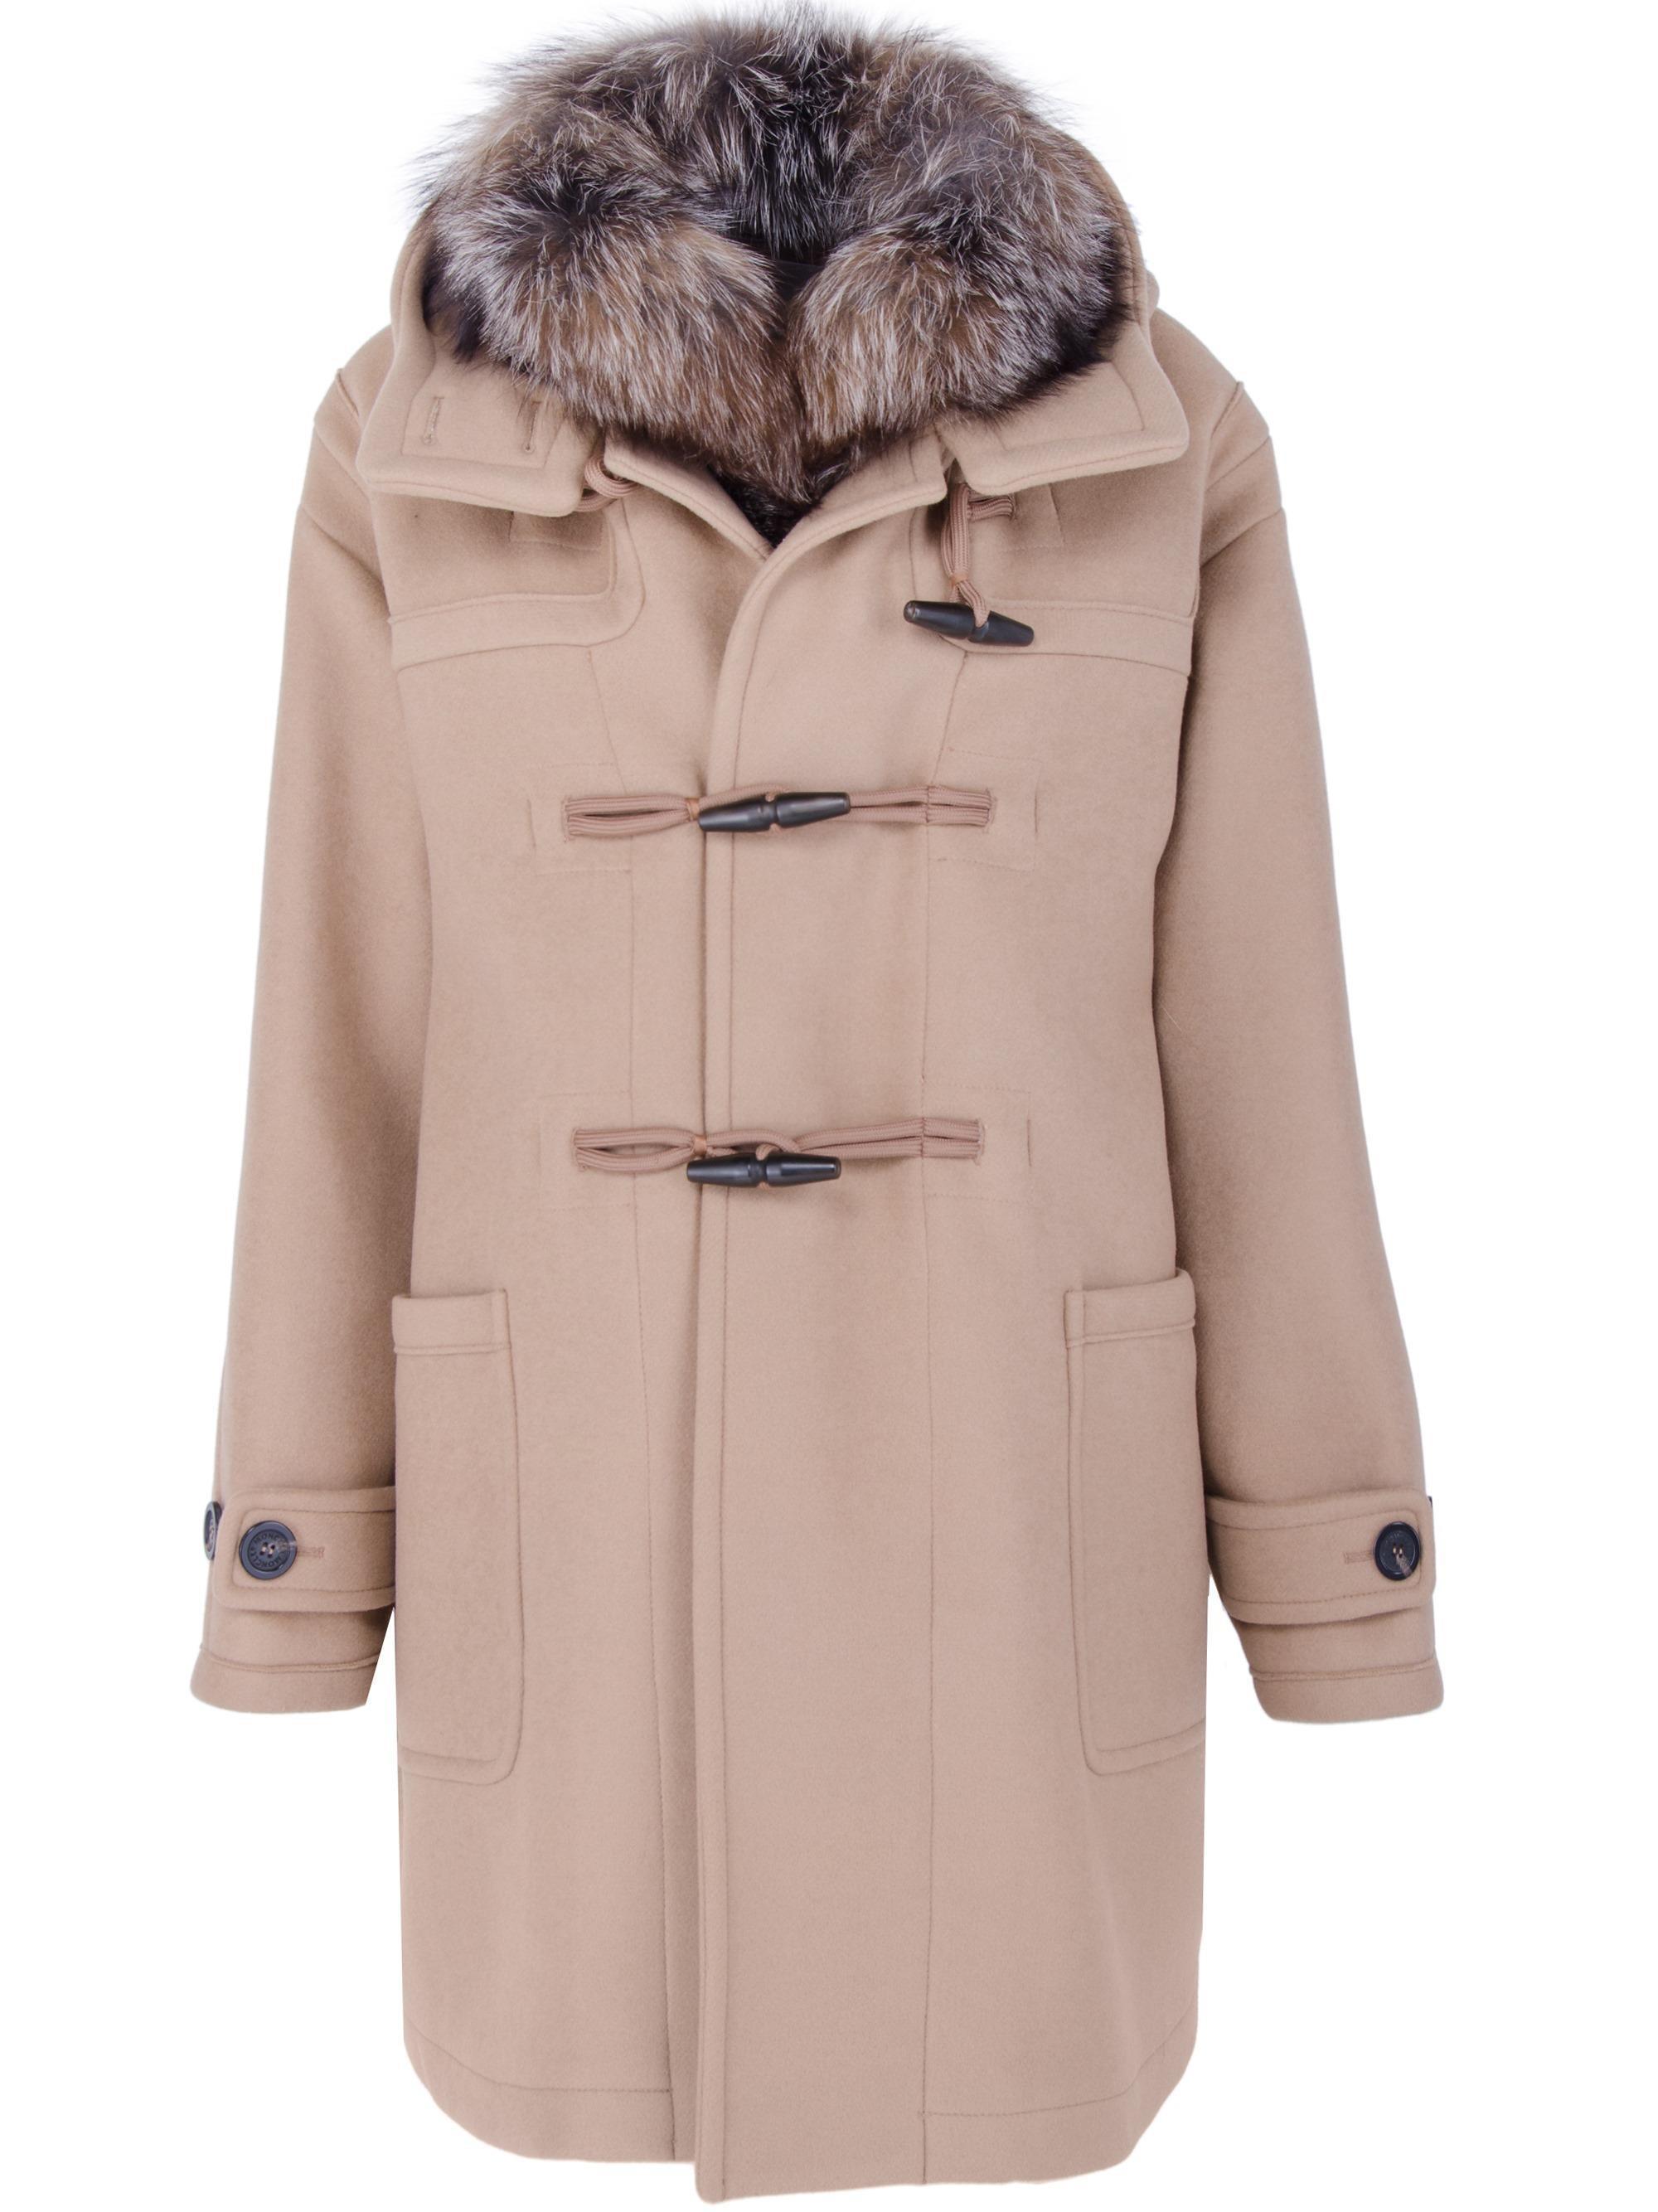 5c3688e6d Moncler Multicolor Narcissus Fur-trimmed Coat